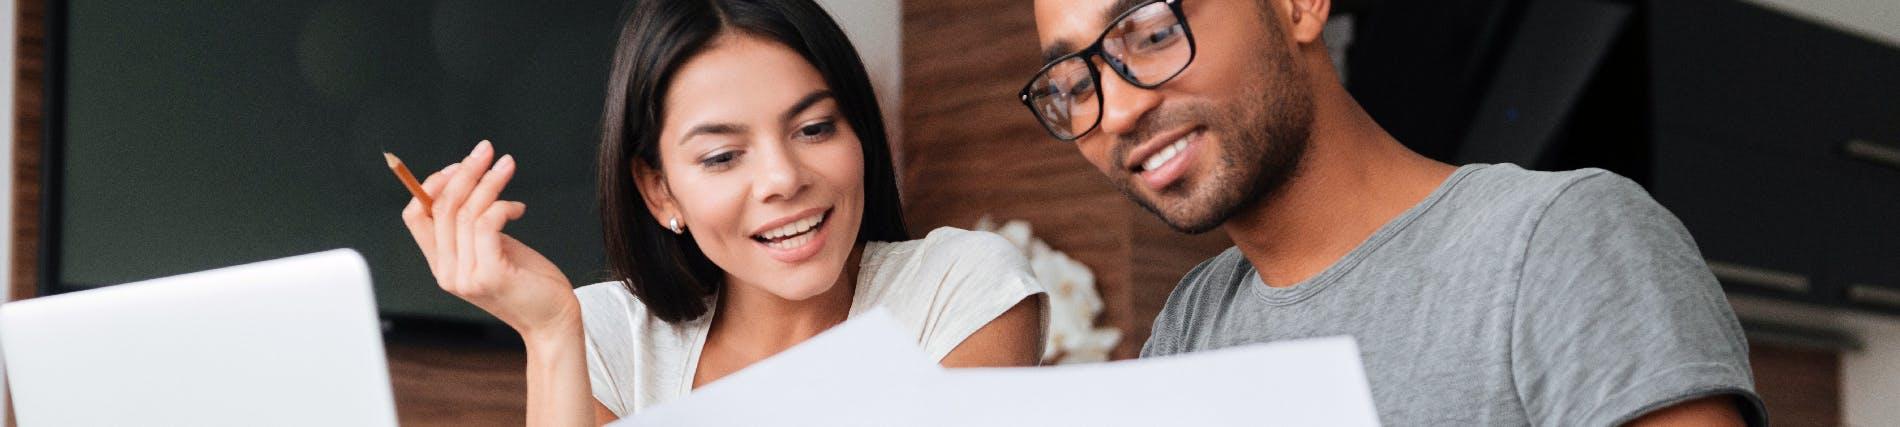 Cómo comprar vivienda en pareja